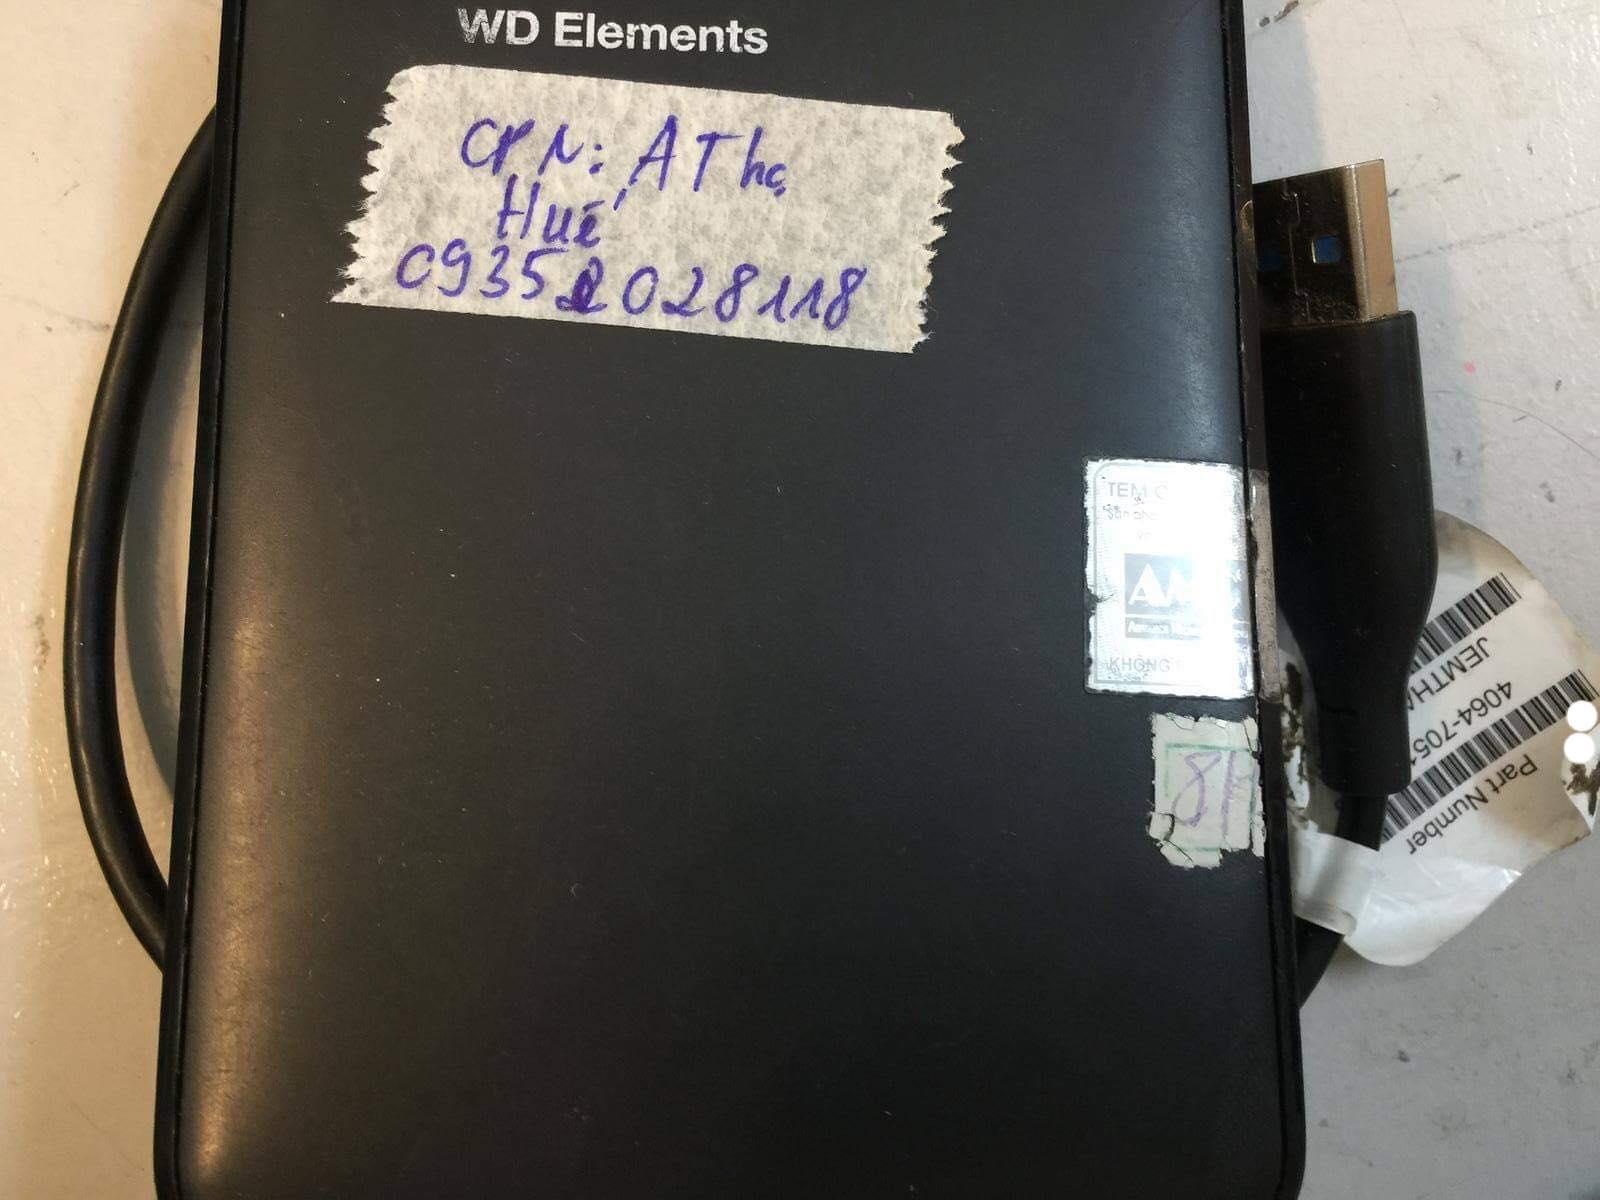 Cứu dữ liệu ổ cứng Western 1TB lỗi cơ tại Huế 15/12/2018 - cuumaytinh